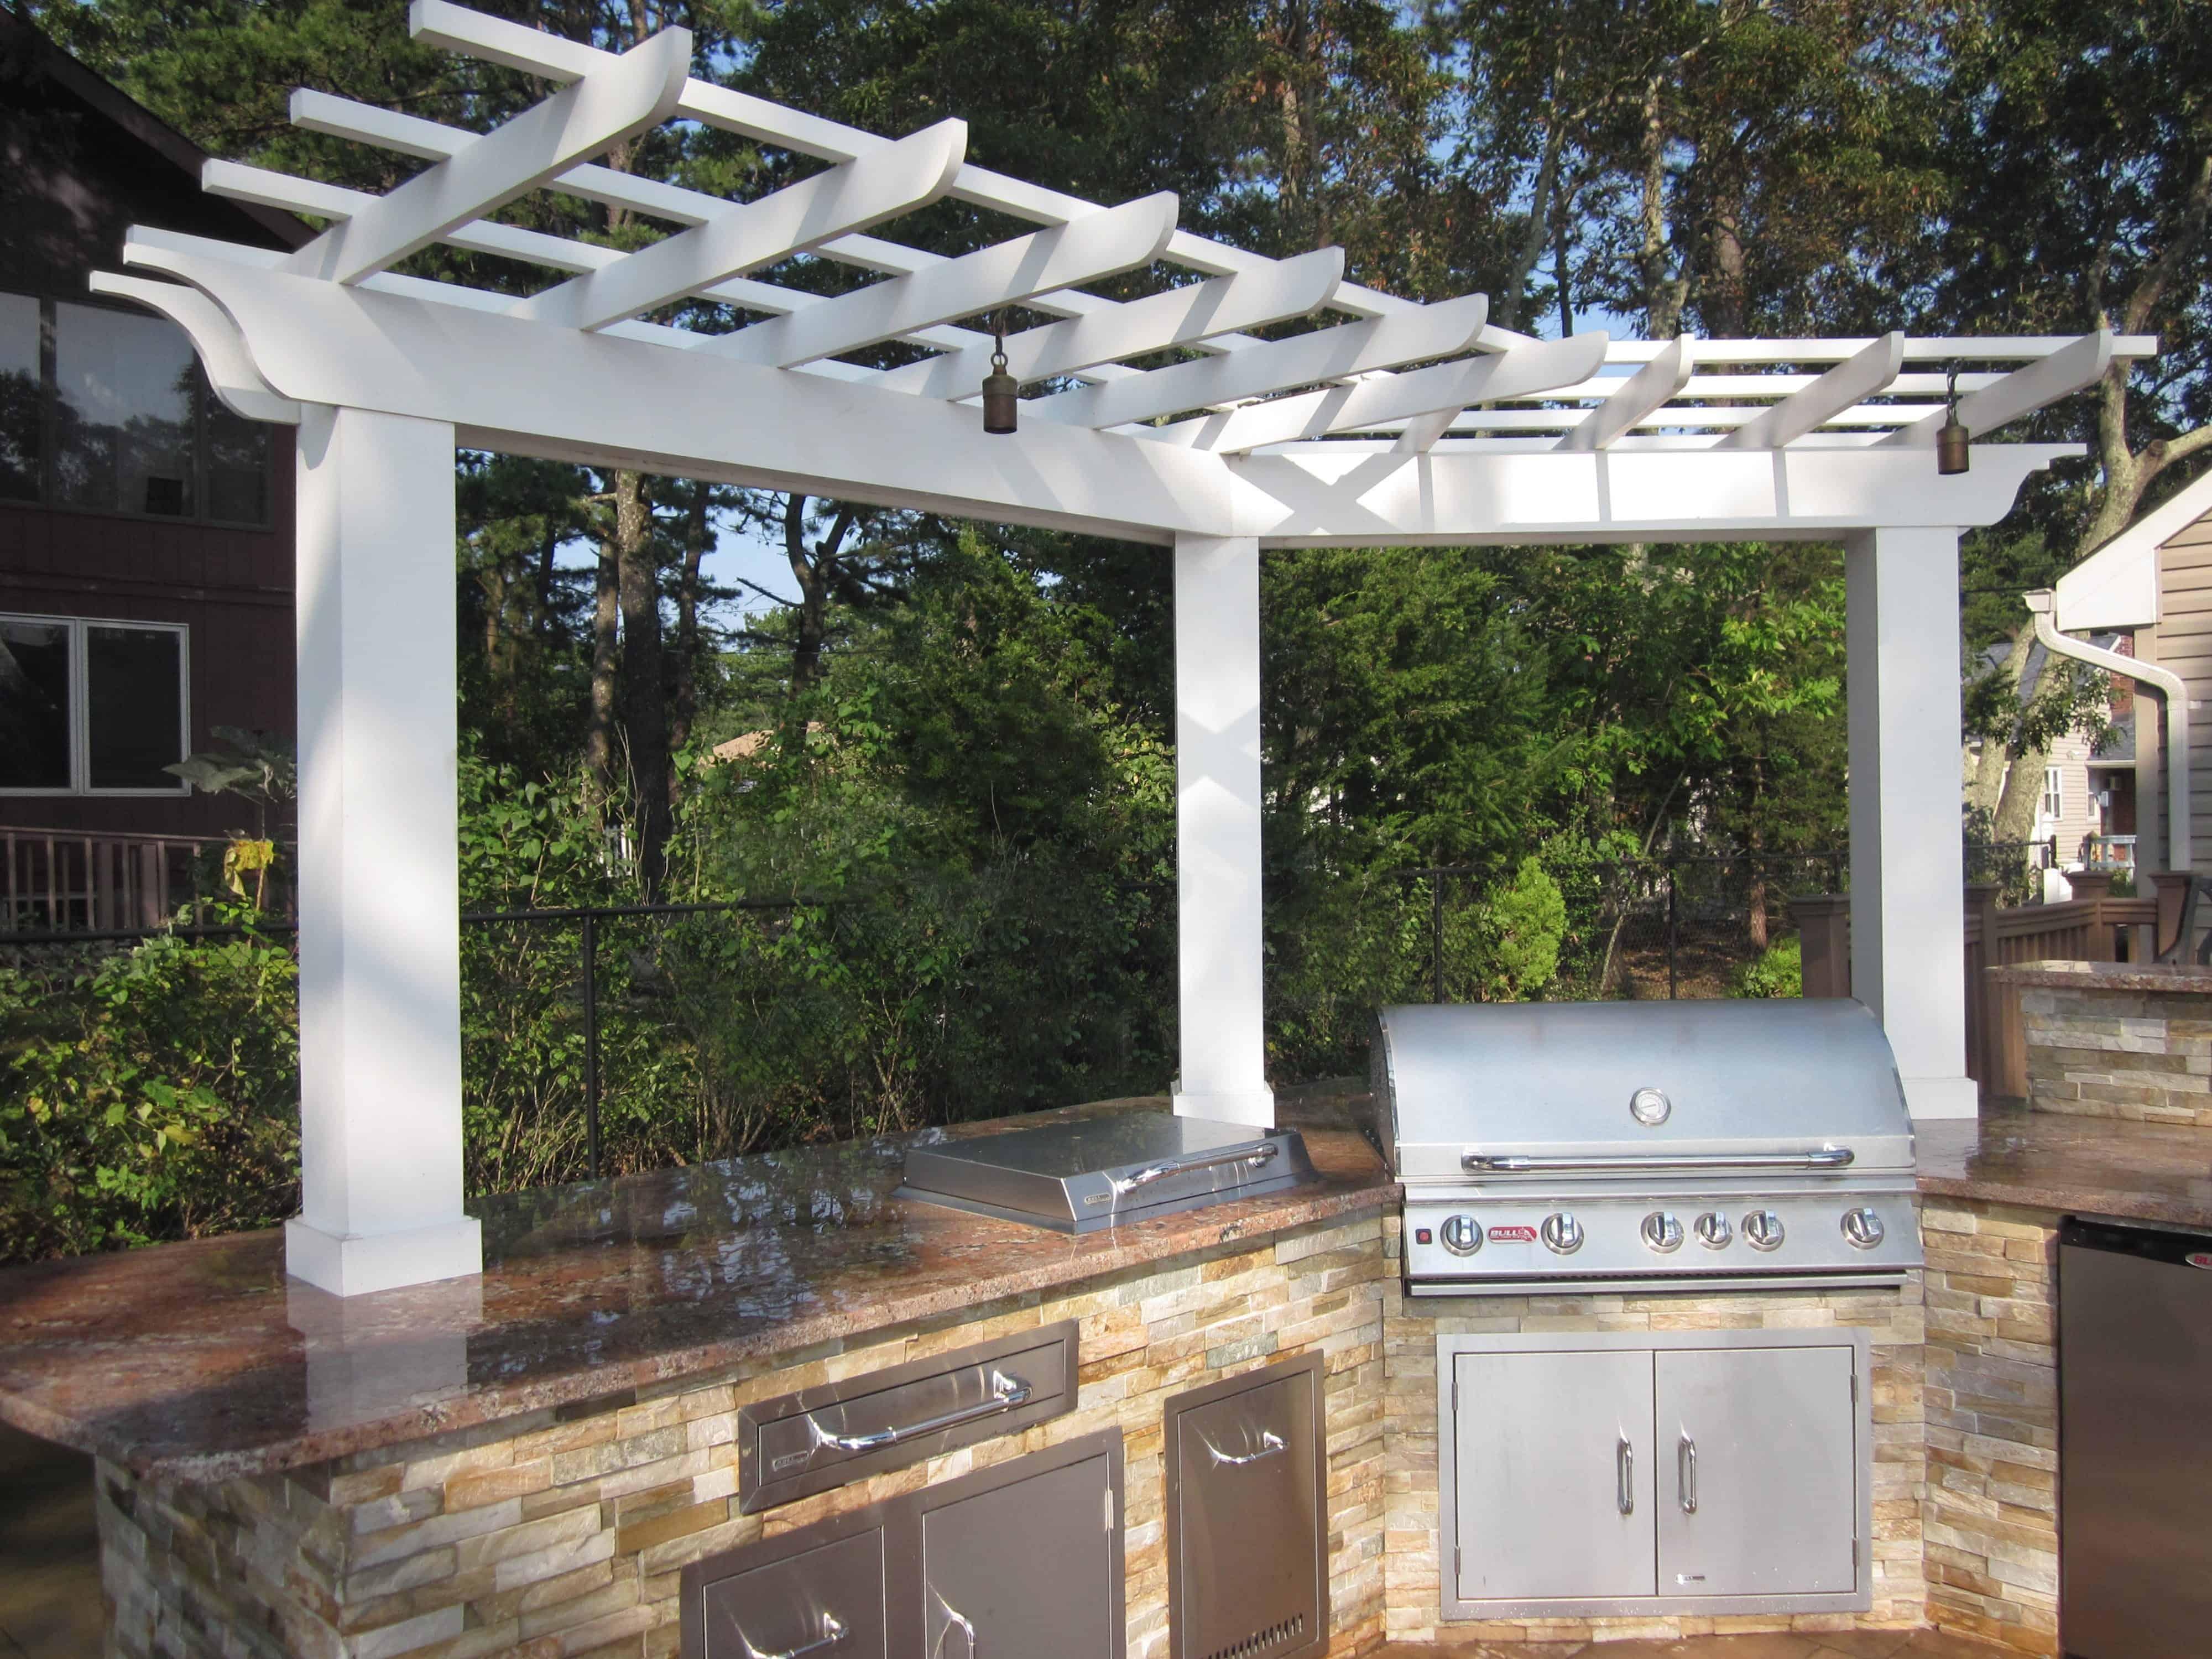 8' x 3' Azek Pergola over Outdoor Kitchen - Flanders, Long Island NY